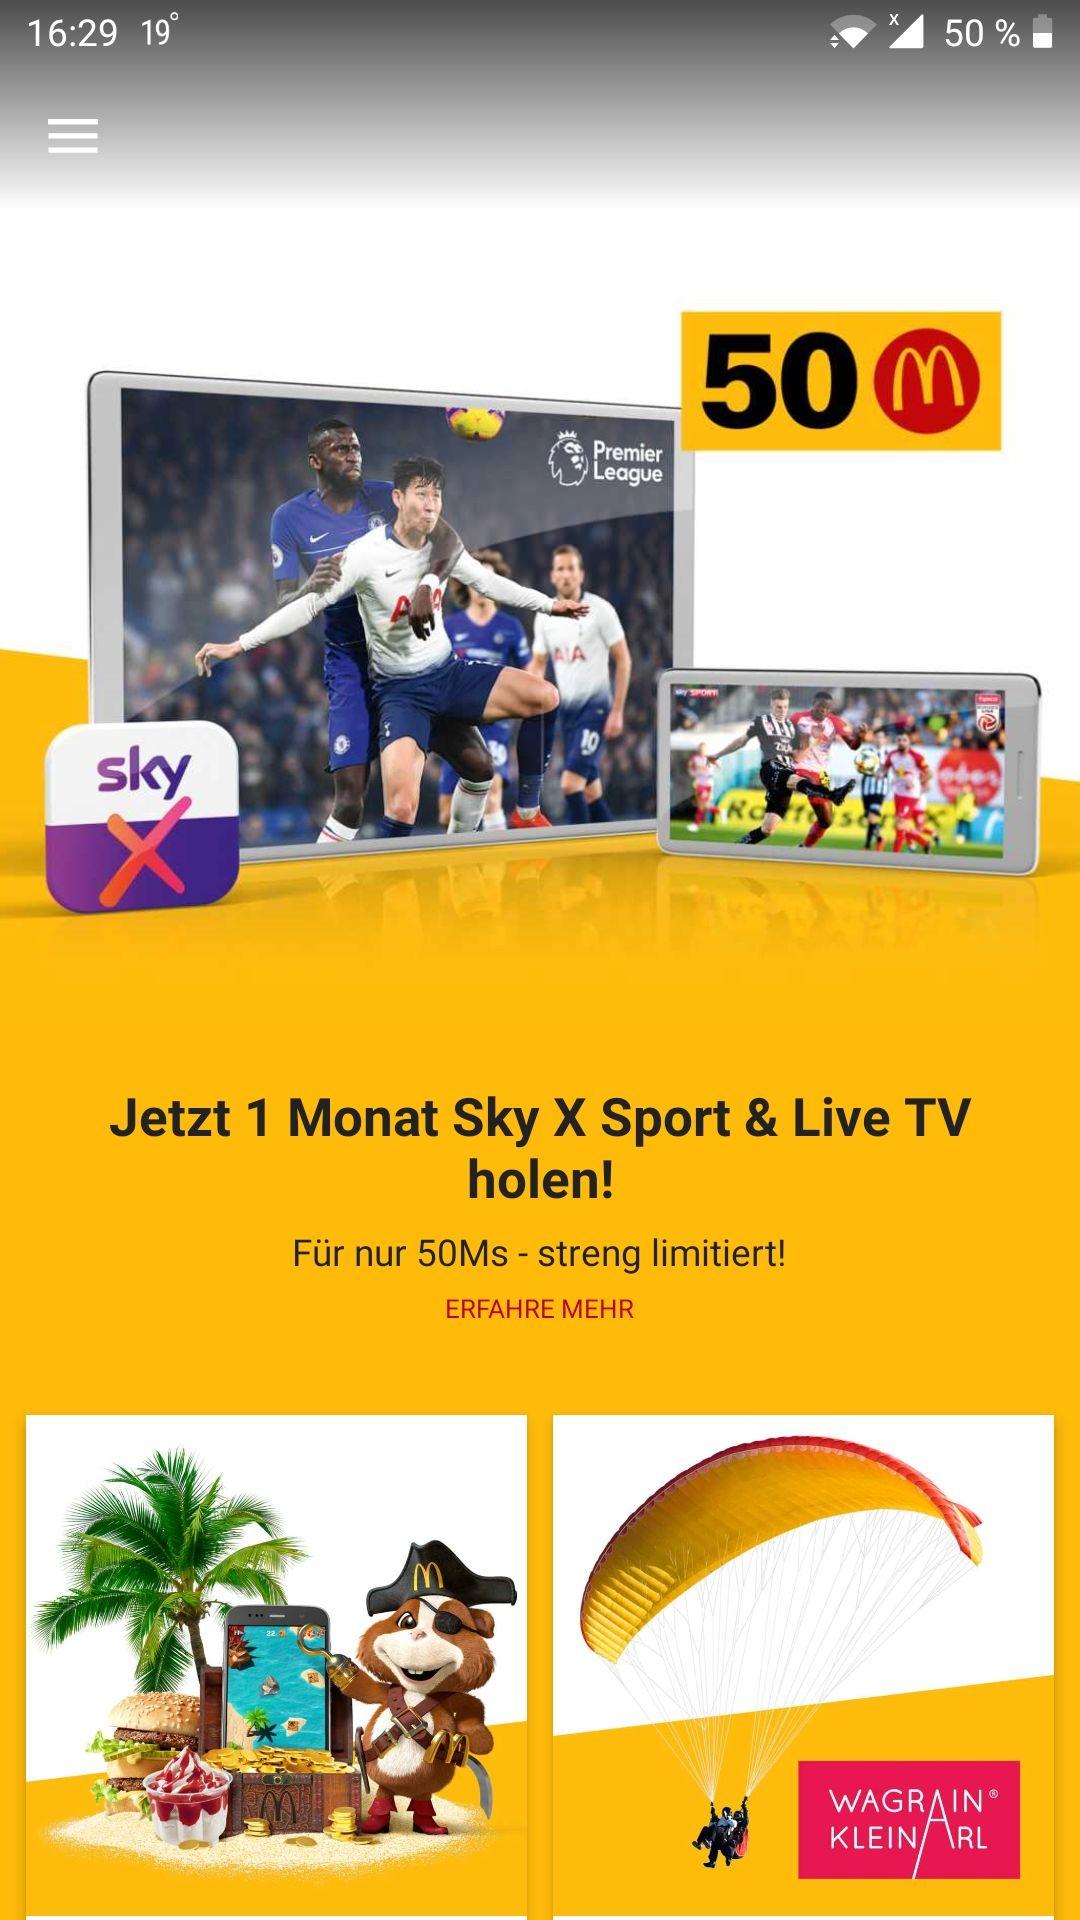 1 Monat Sky X Sport und Live TV für 50 Ms in der McDonalds App